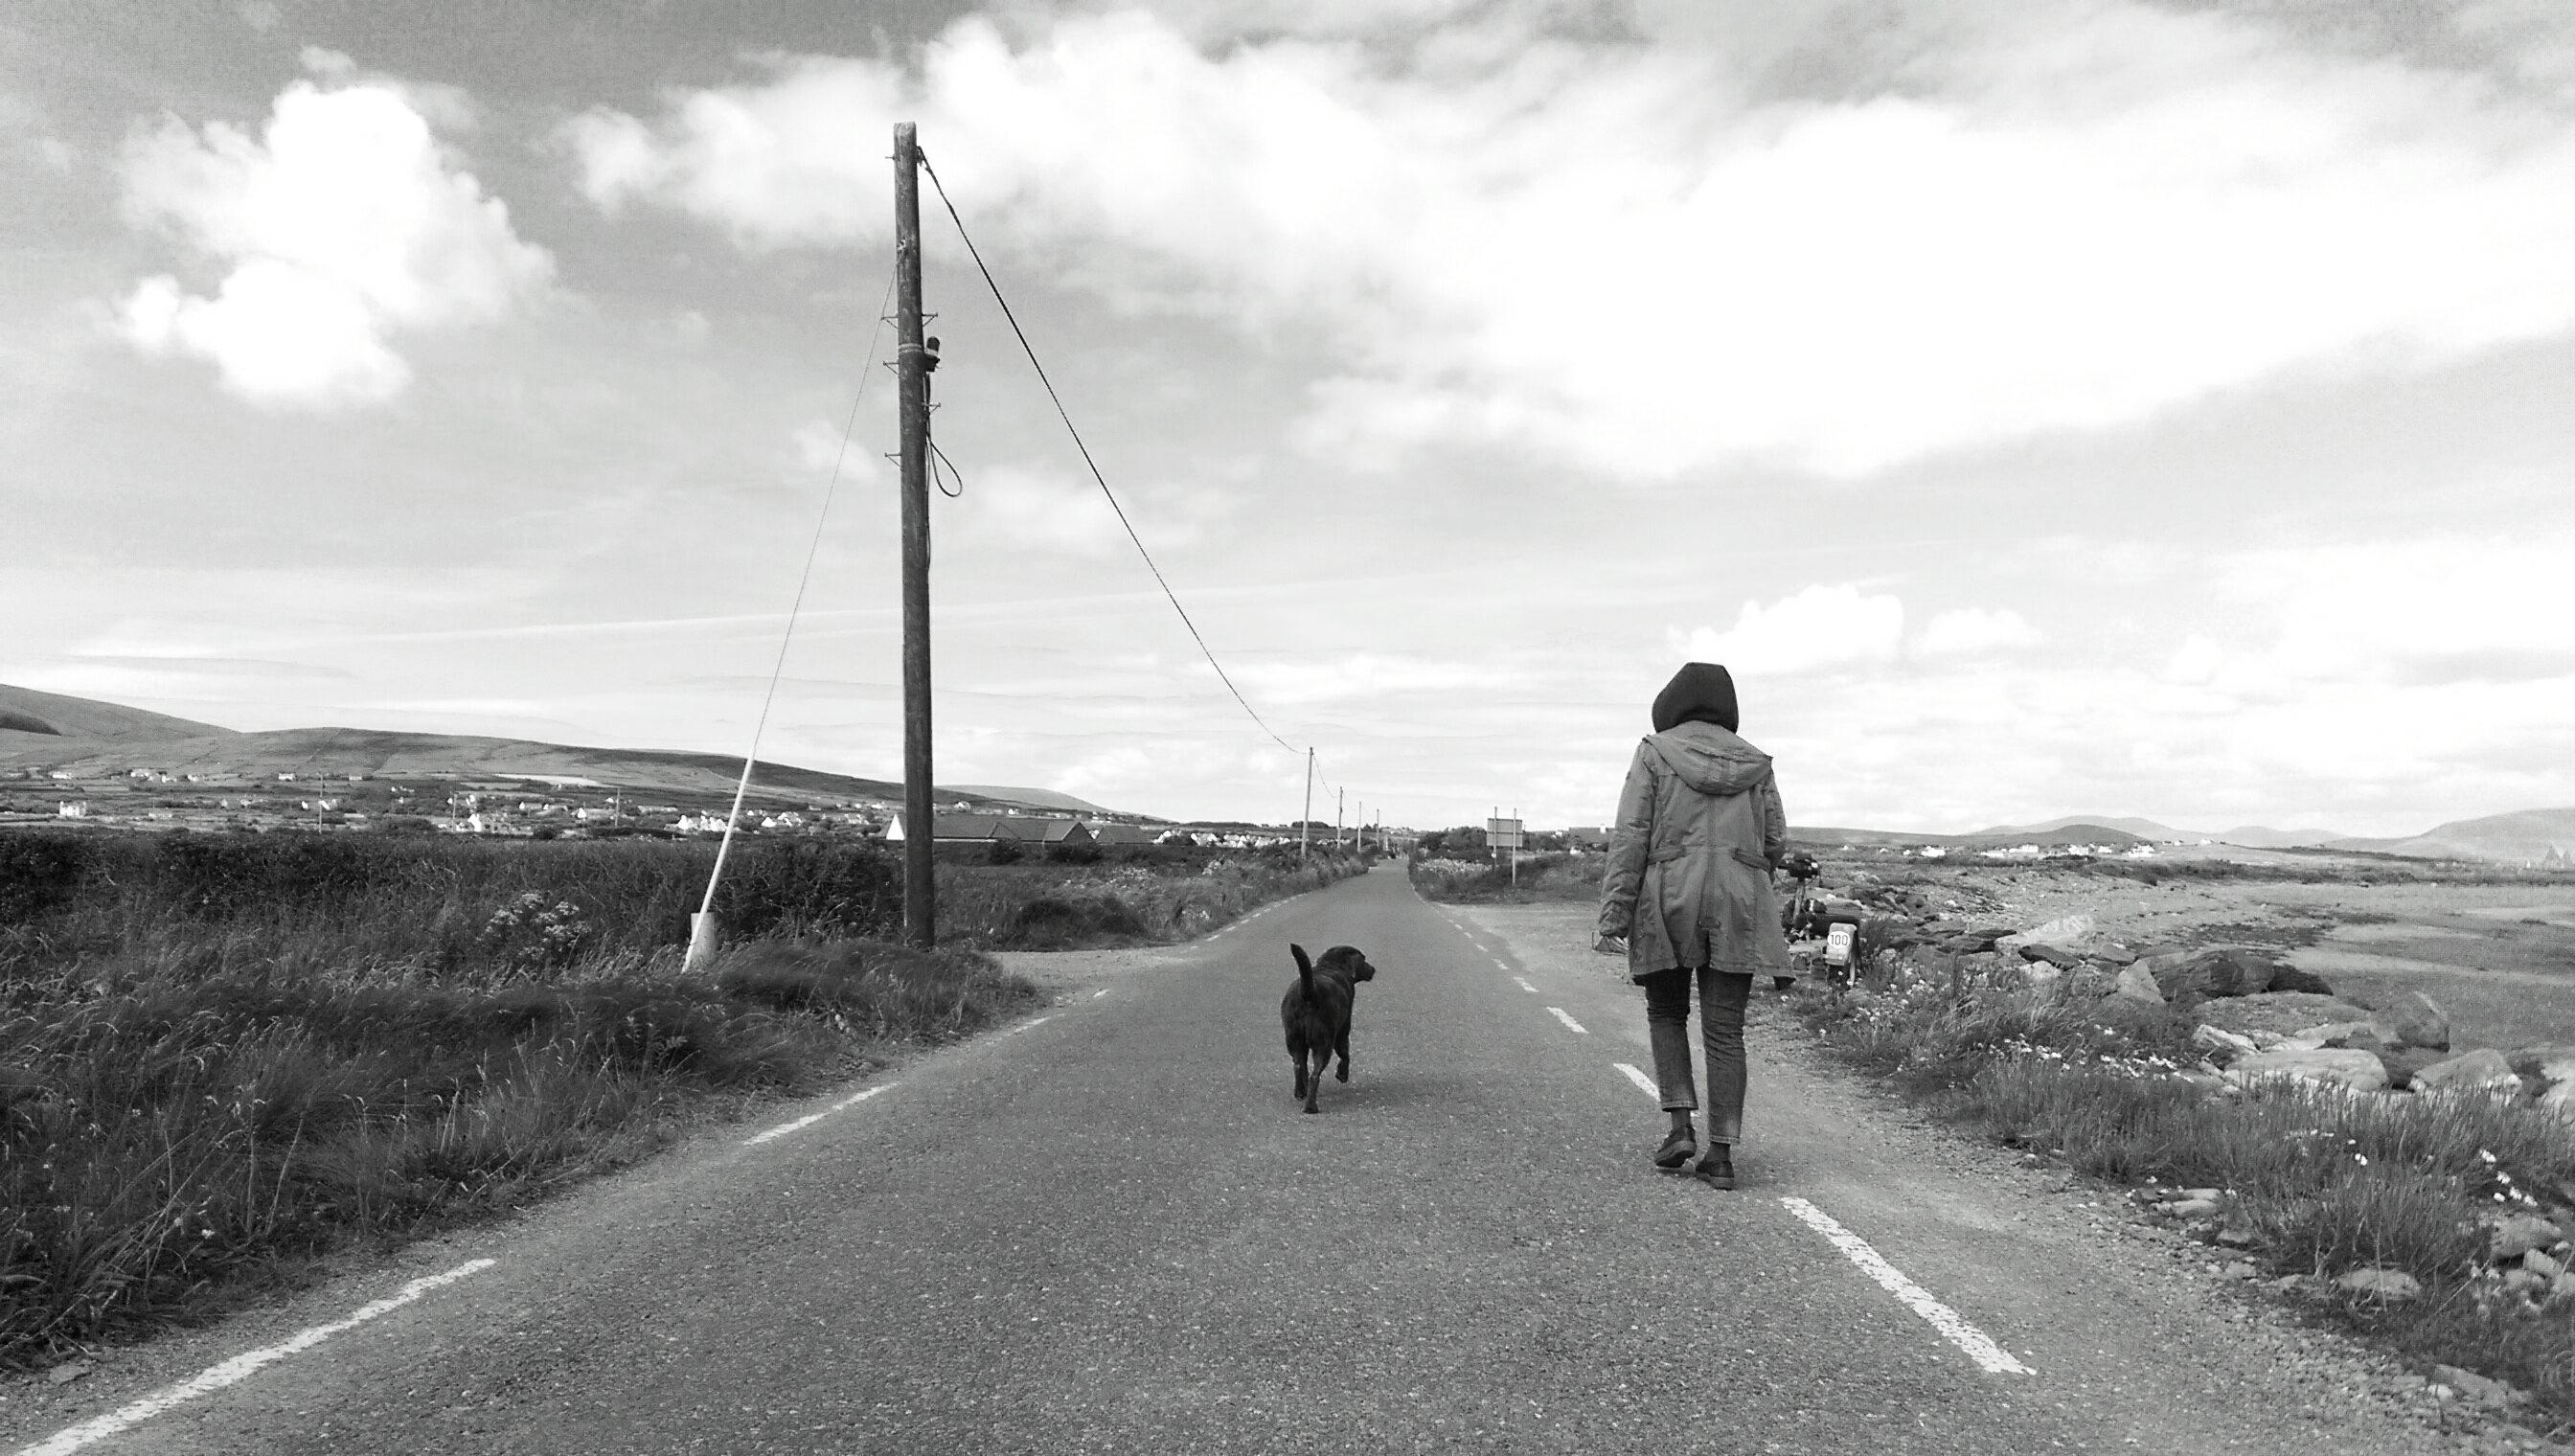 Hund und Frau auf Landstraße